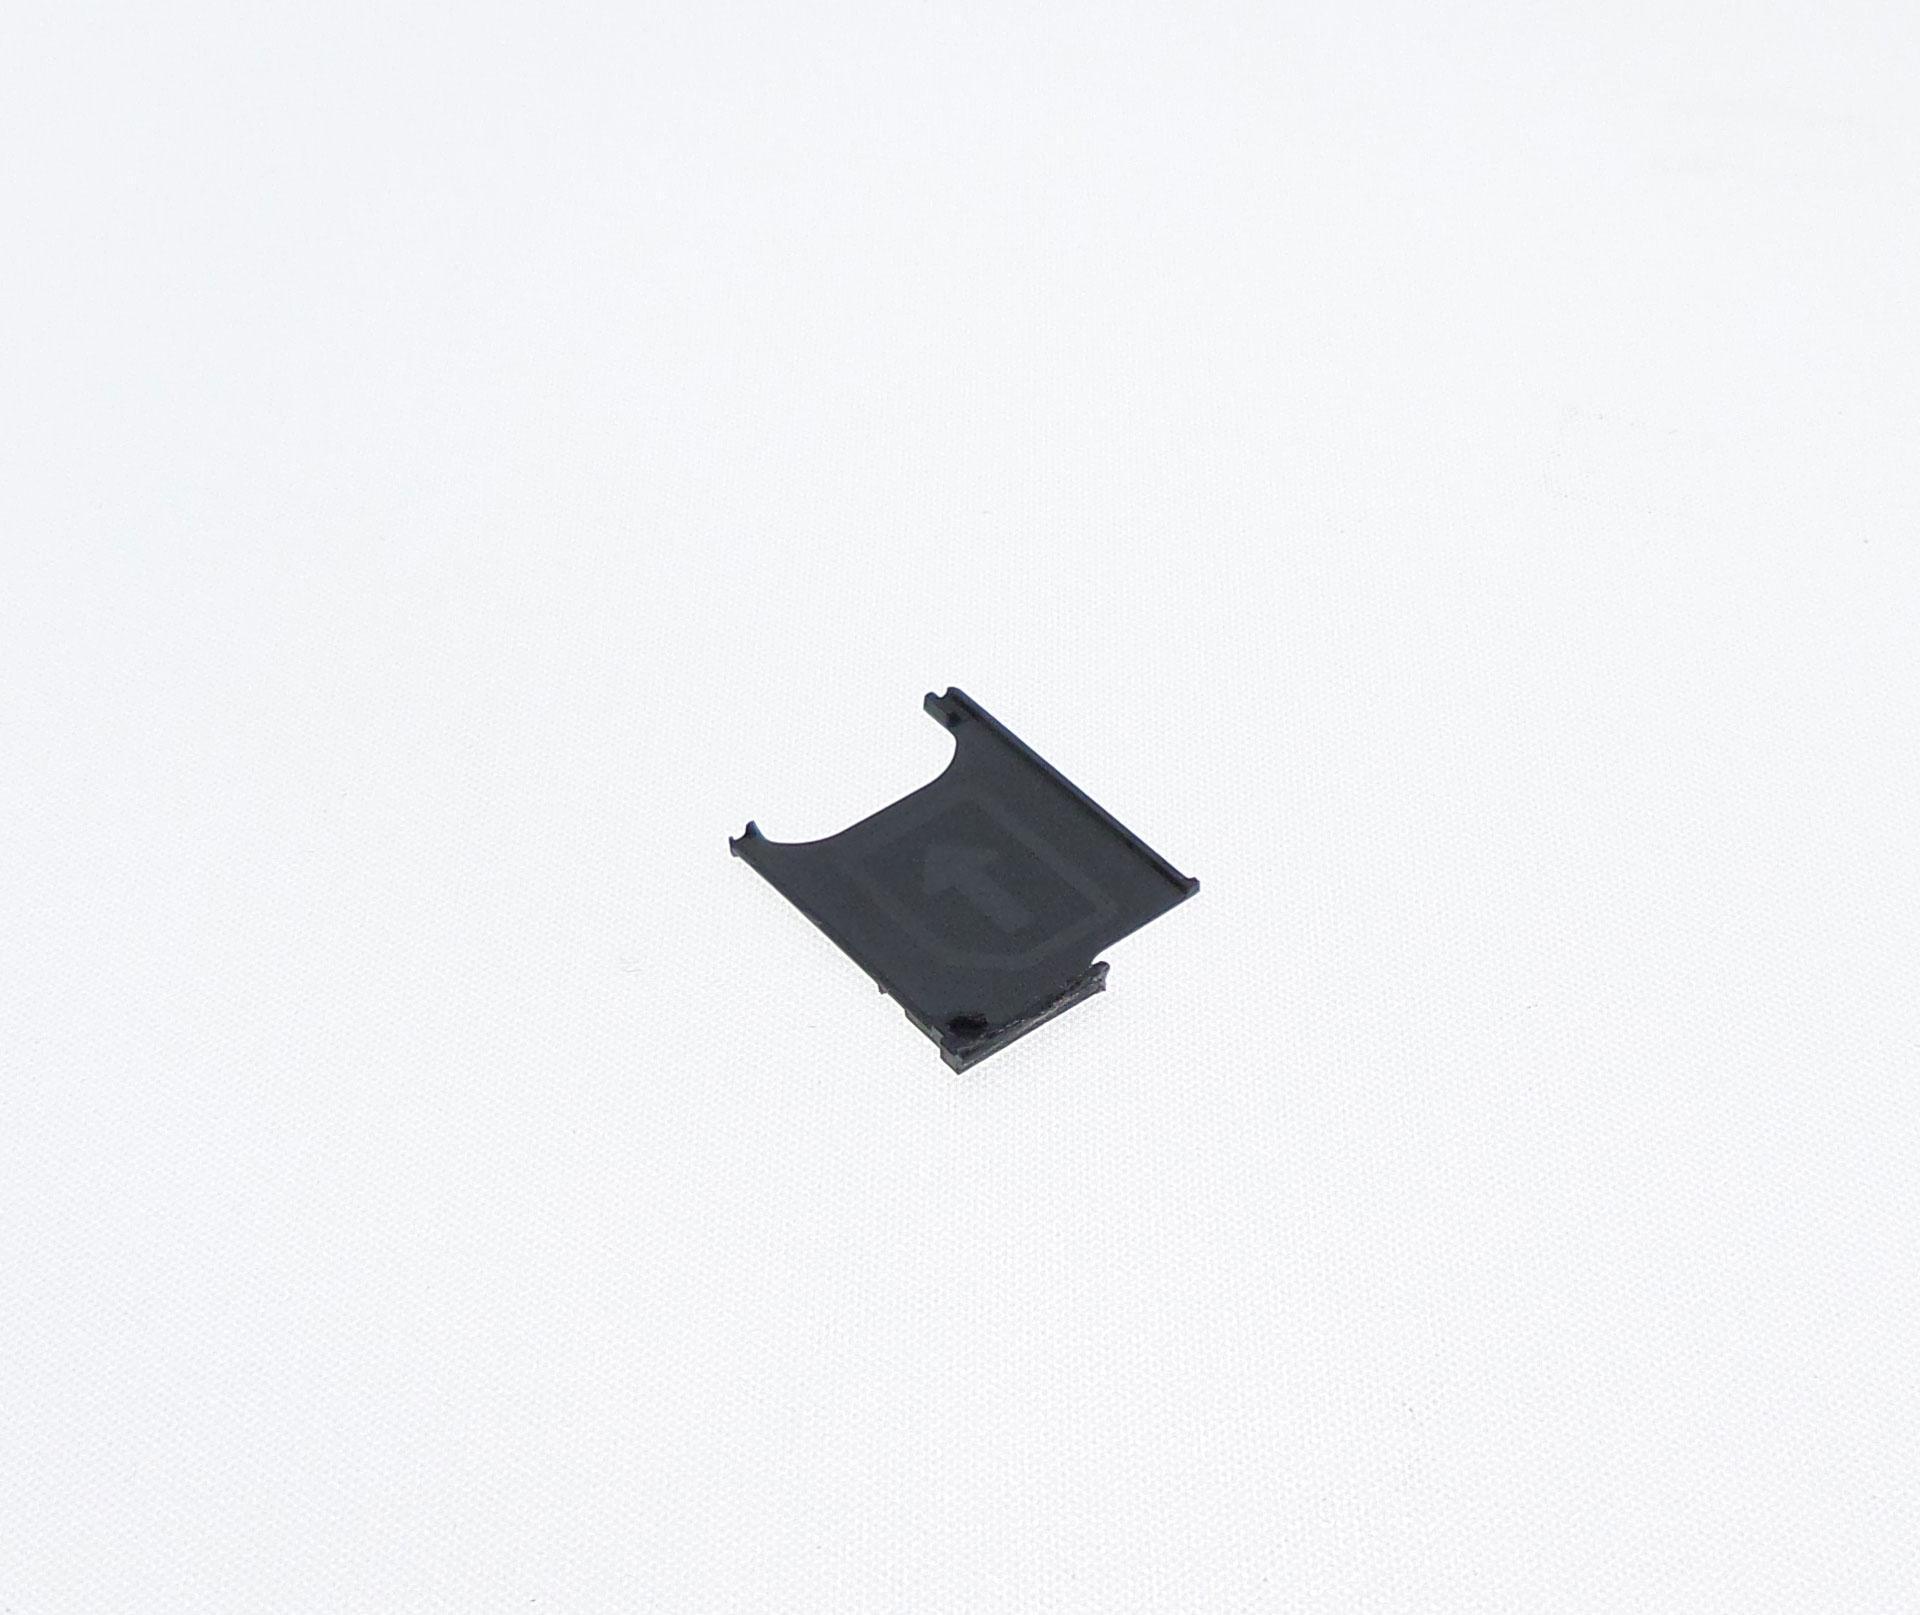 Tiroir Sim Sony Xperia Z ultra C6833 C6802XL